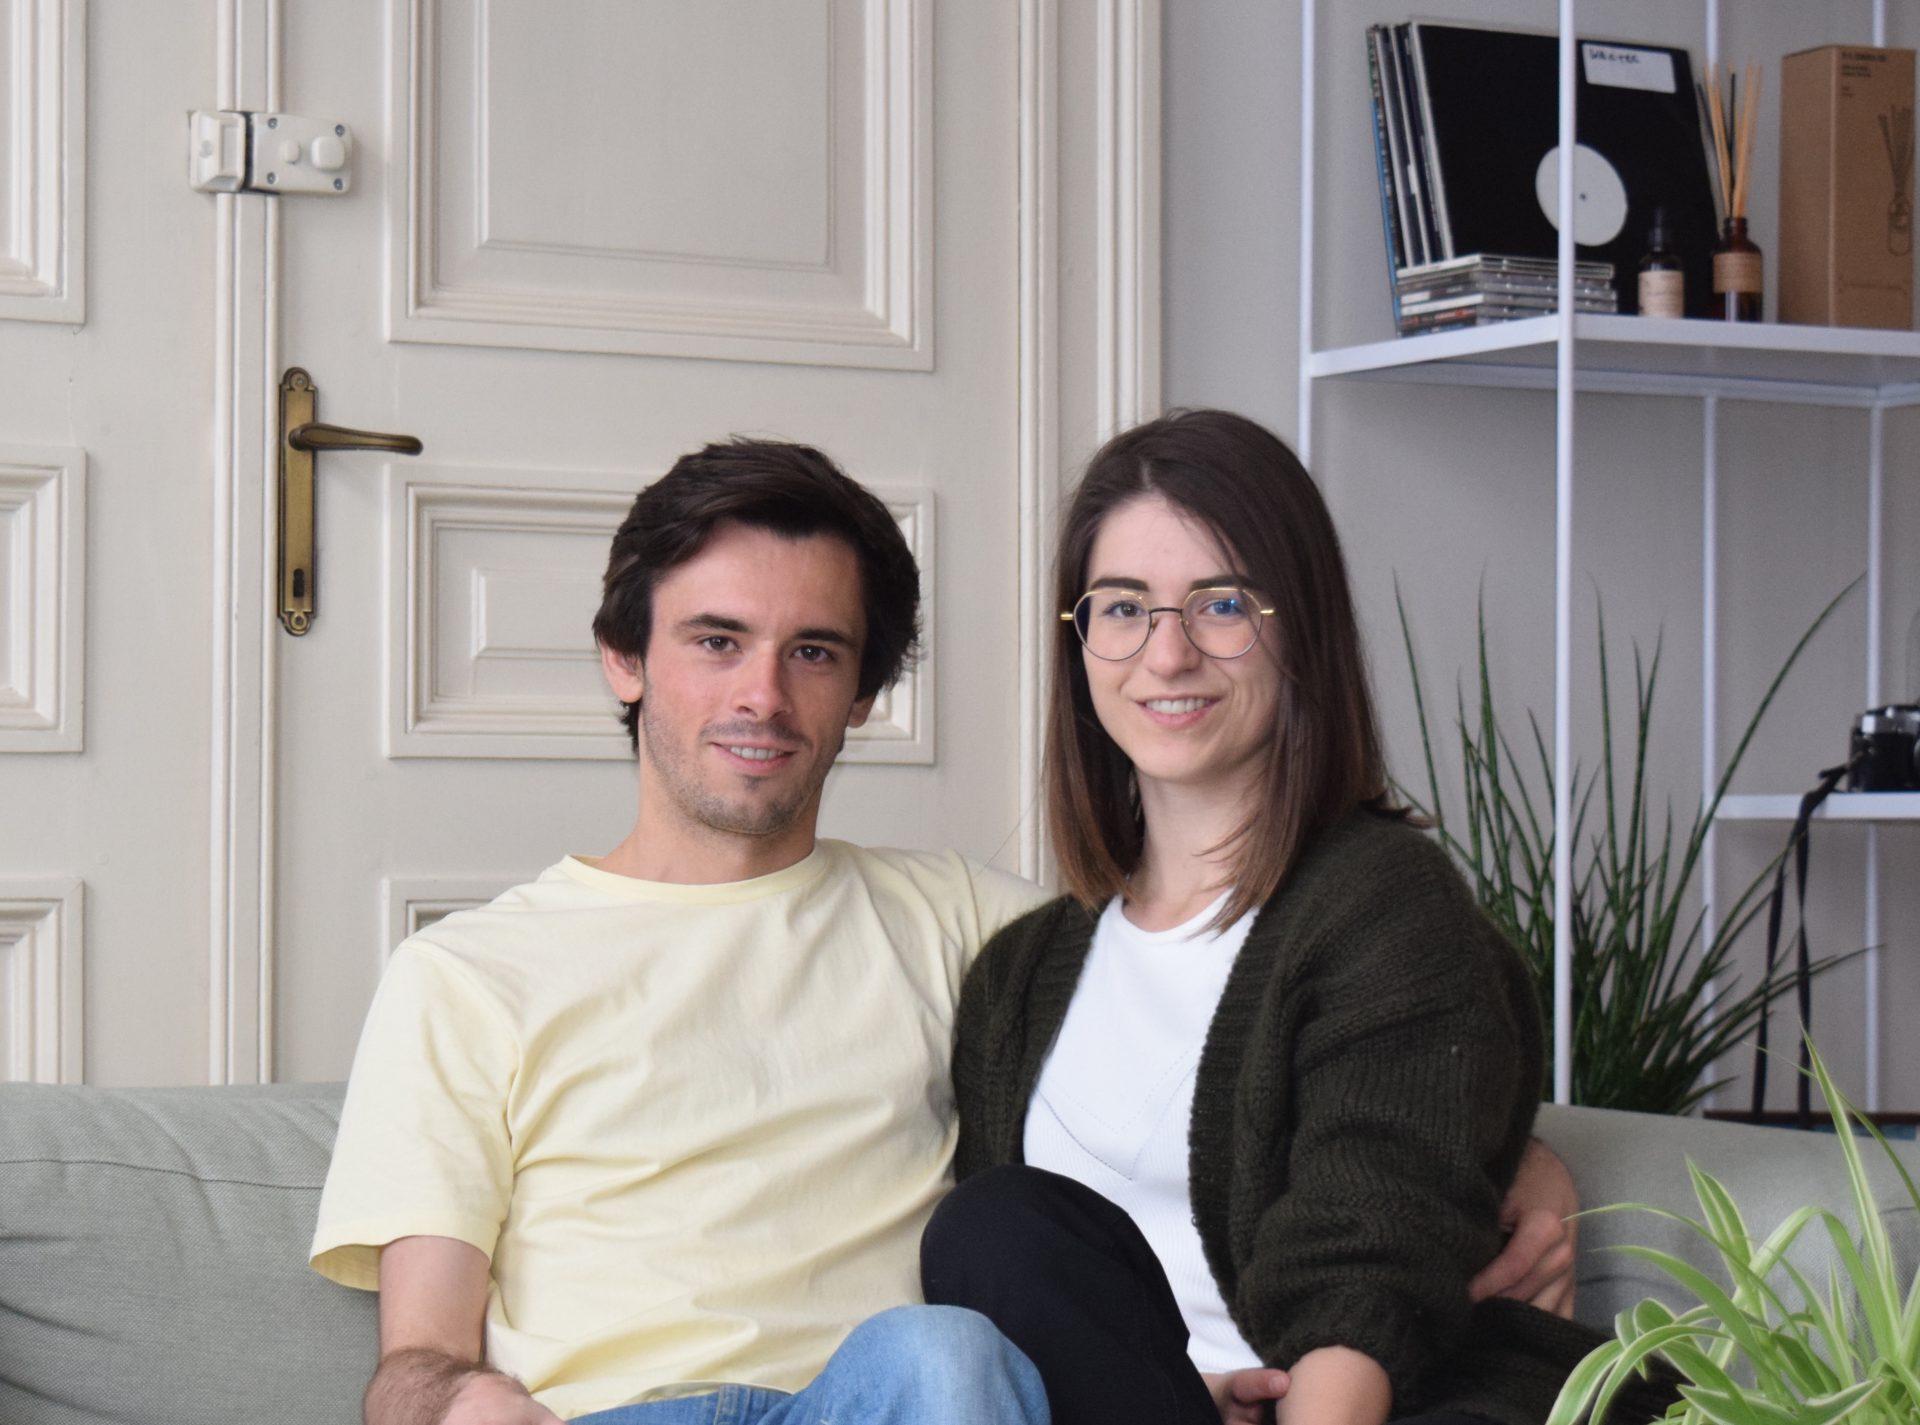 Pieter & Valérie